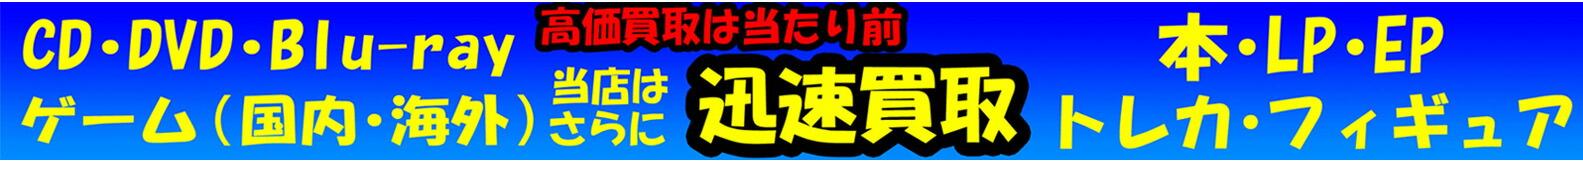 研磨ページ